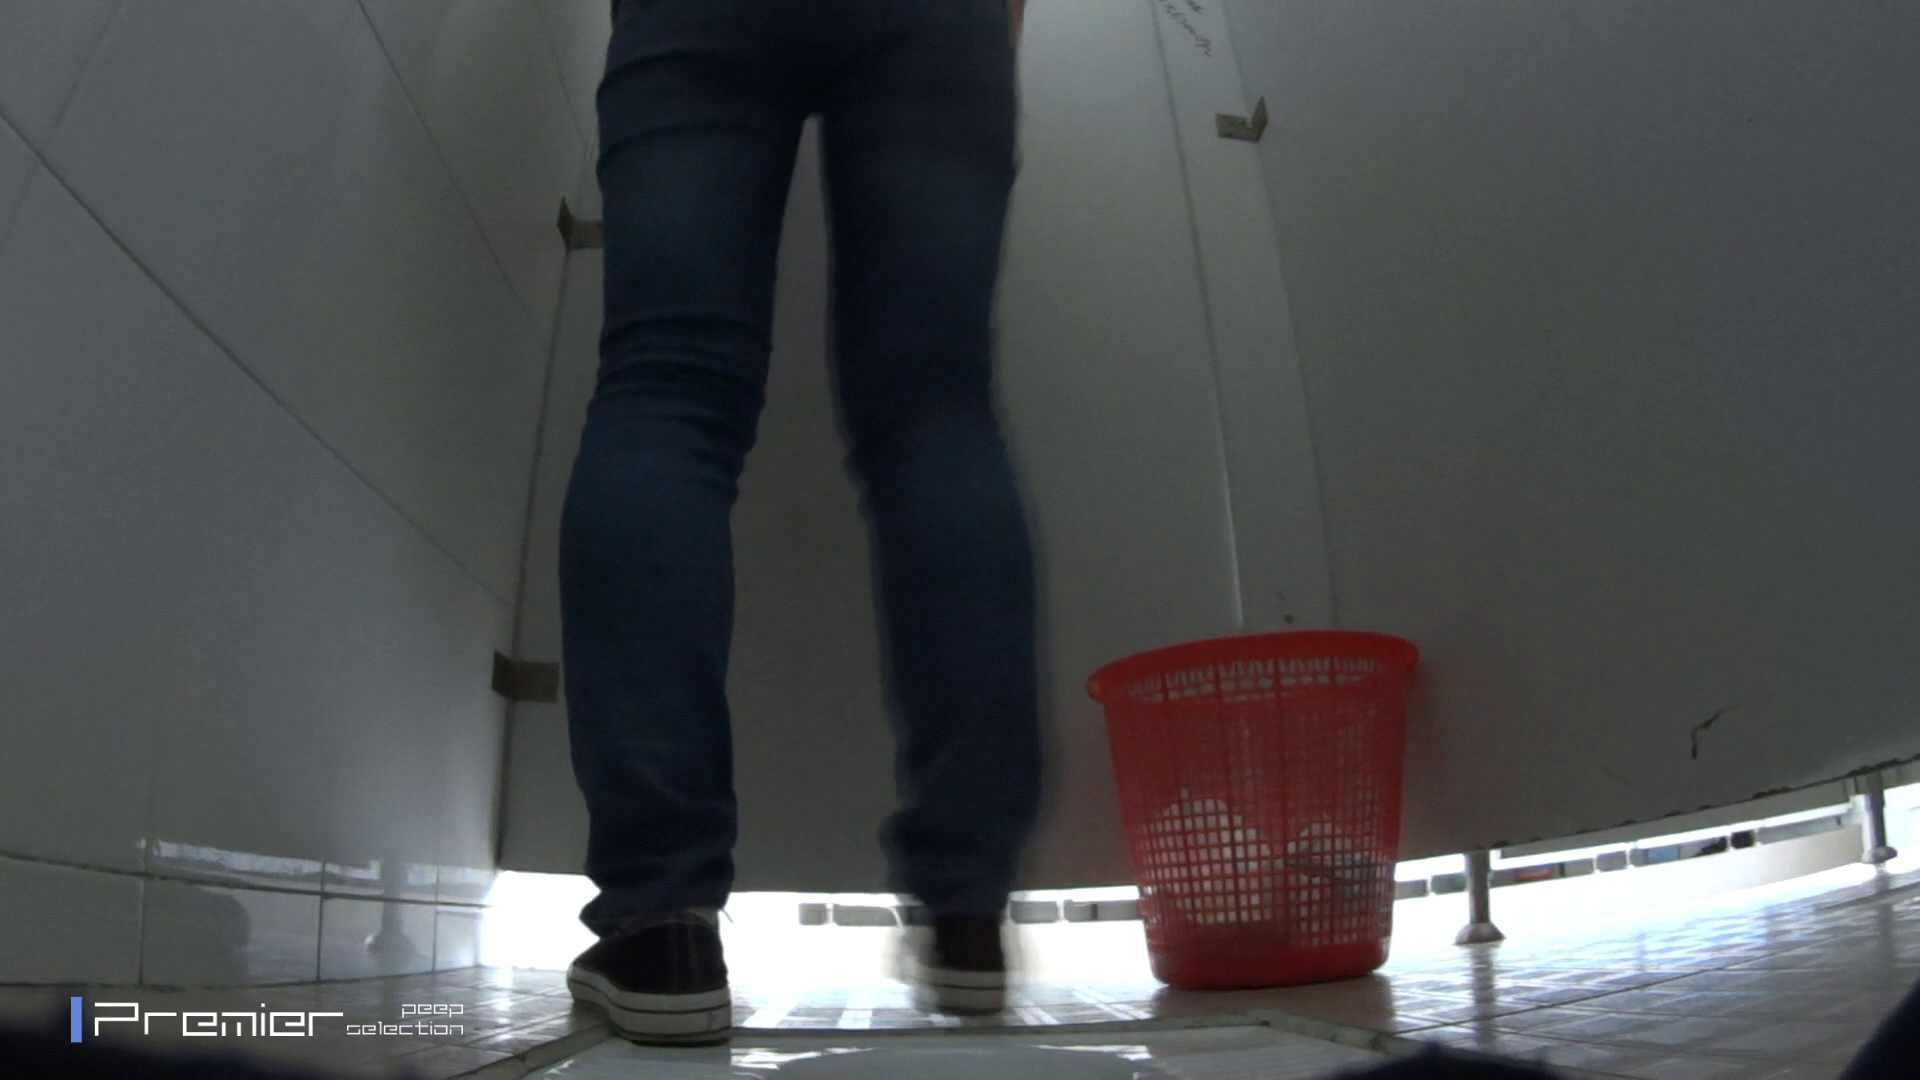 アジアンビューティー達の聖水 大学休憩時間の洗面所事情24 高画質動画 濡れ場動画紹介 109画像 97